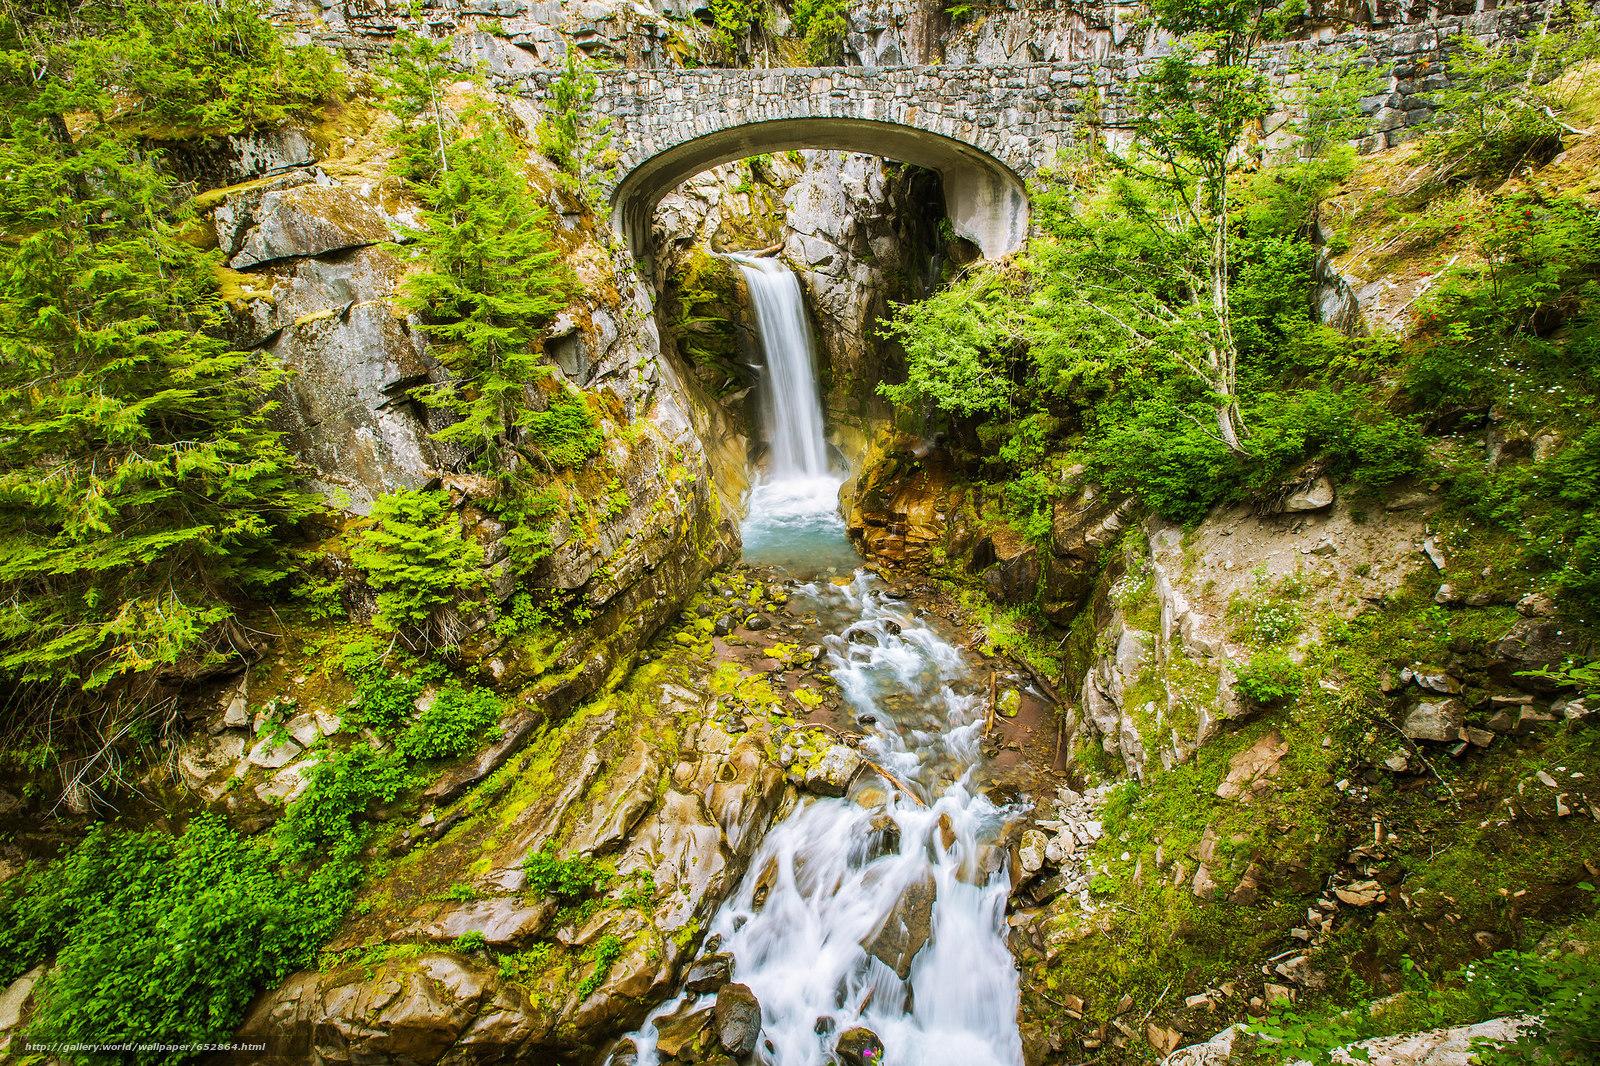 Скачать обои речка,  мост,  деревья,  водопад бесплатно для рабочего стола в разрешении 2048x1365 — картинка №652864